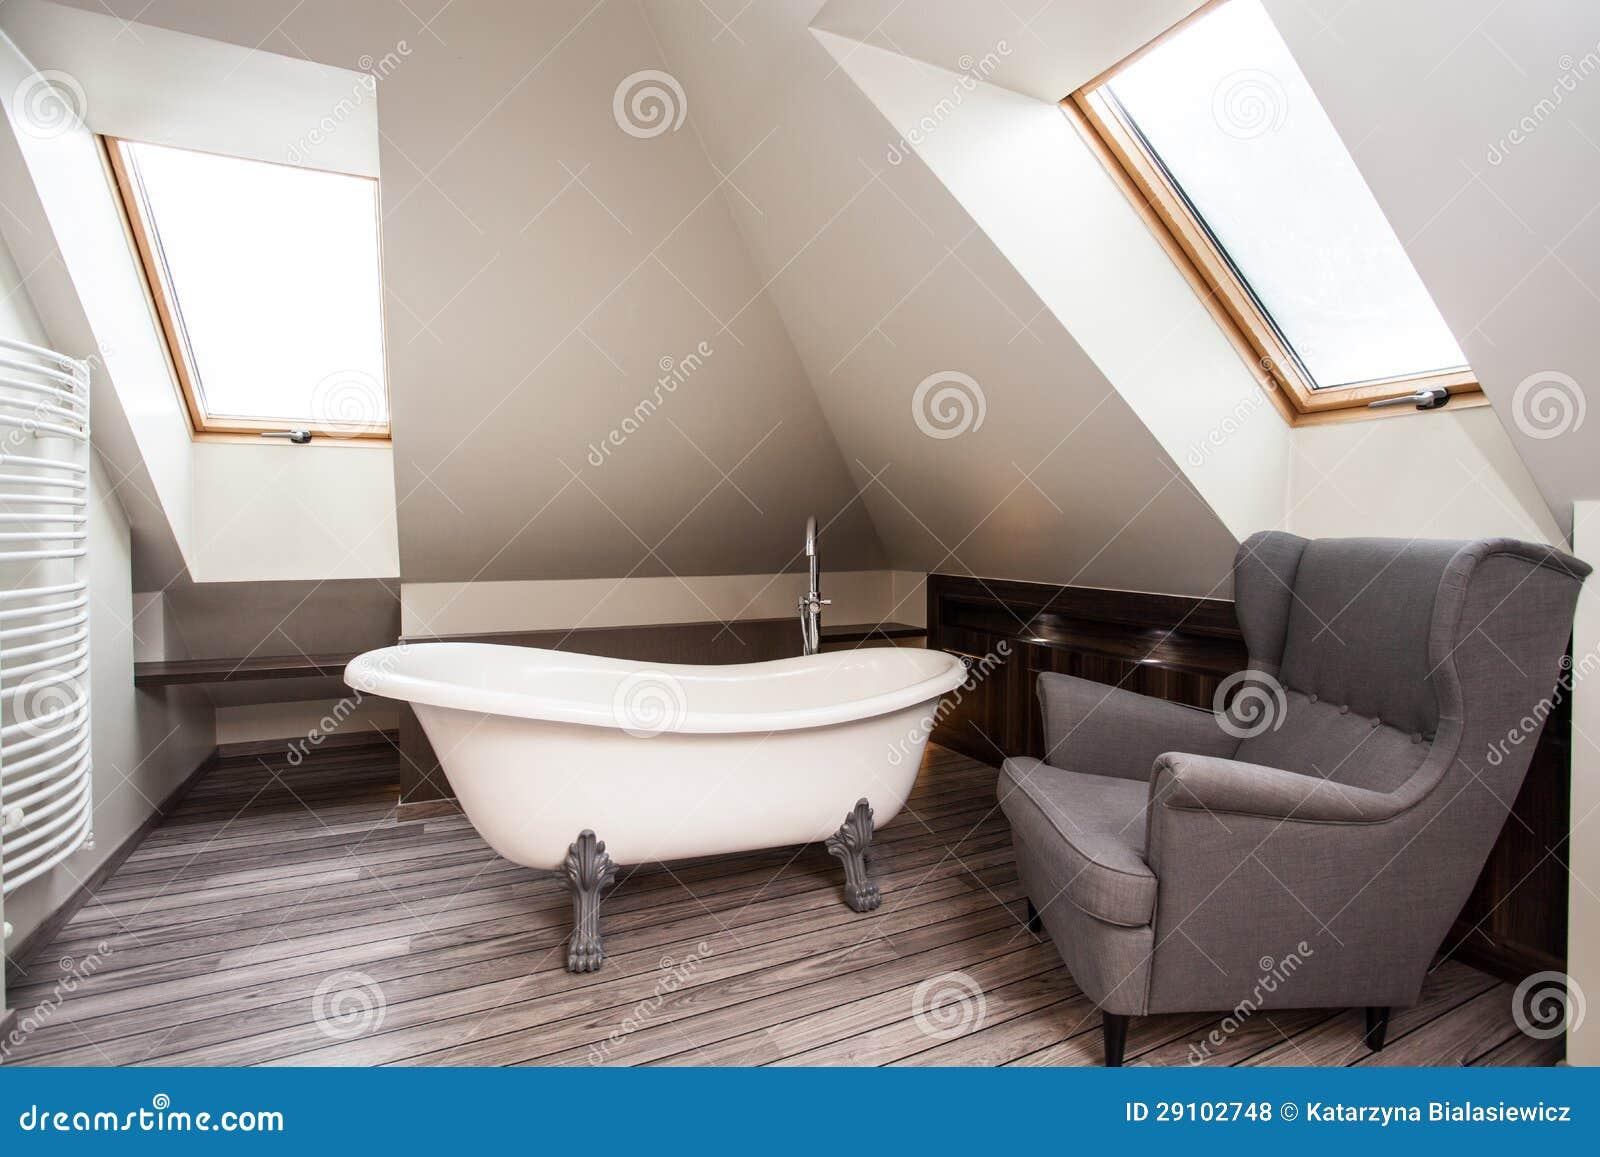 HOME do país - interior do banheiro